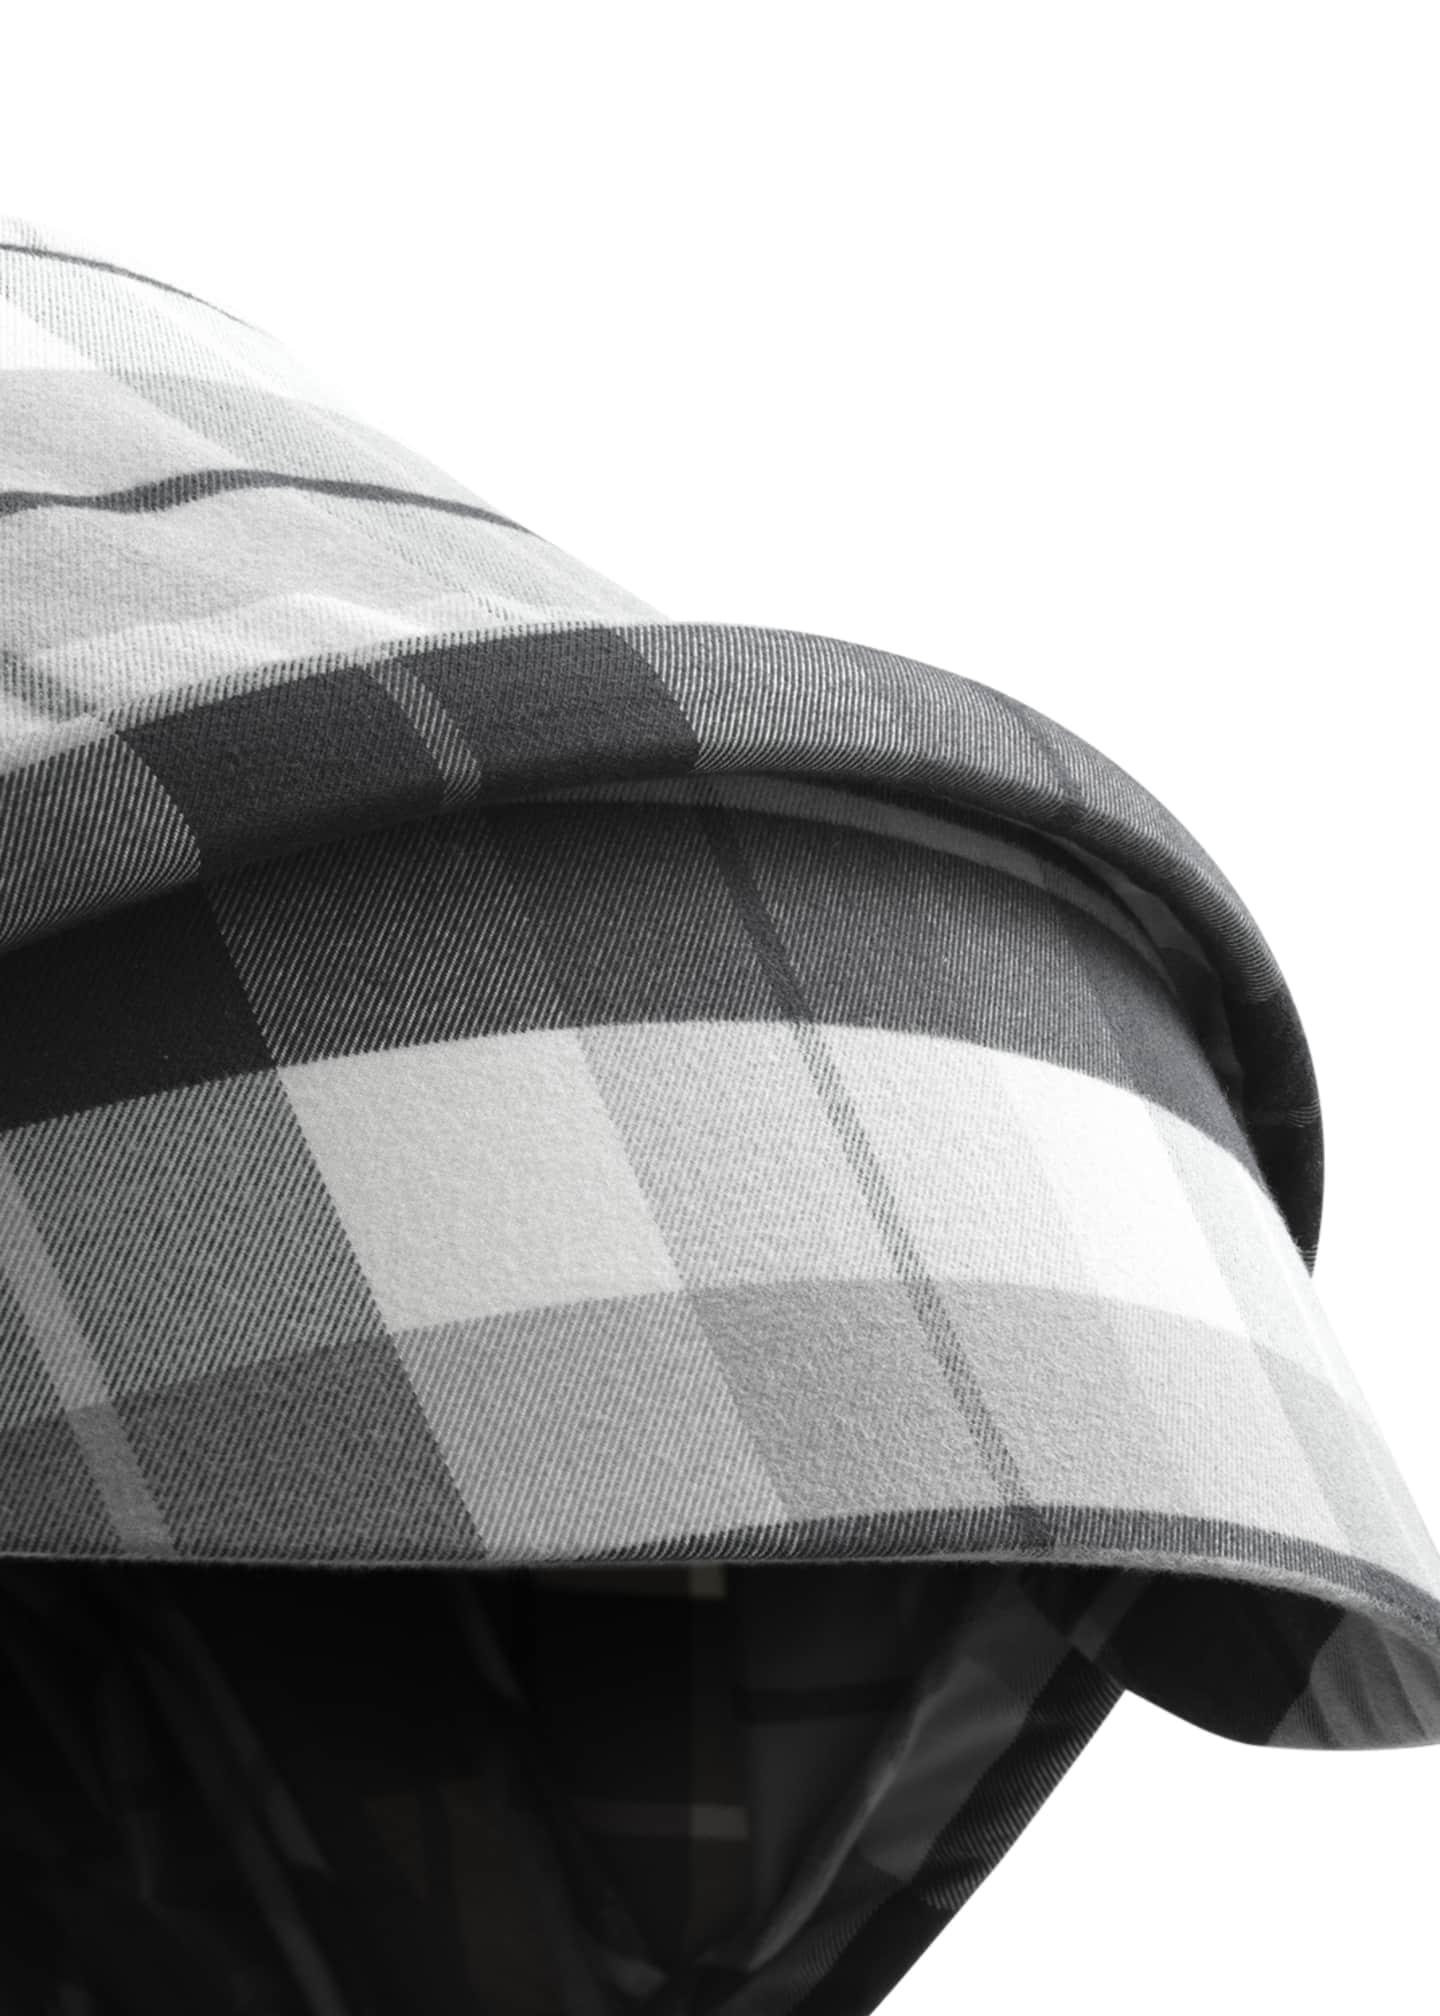 Stokke Scoot Winter Kit for Stroller